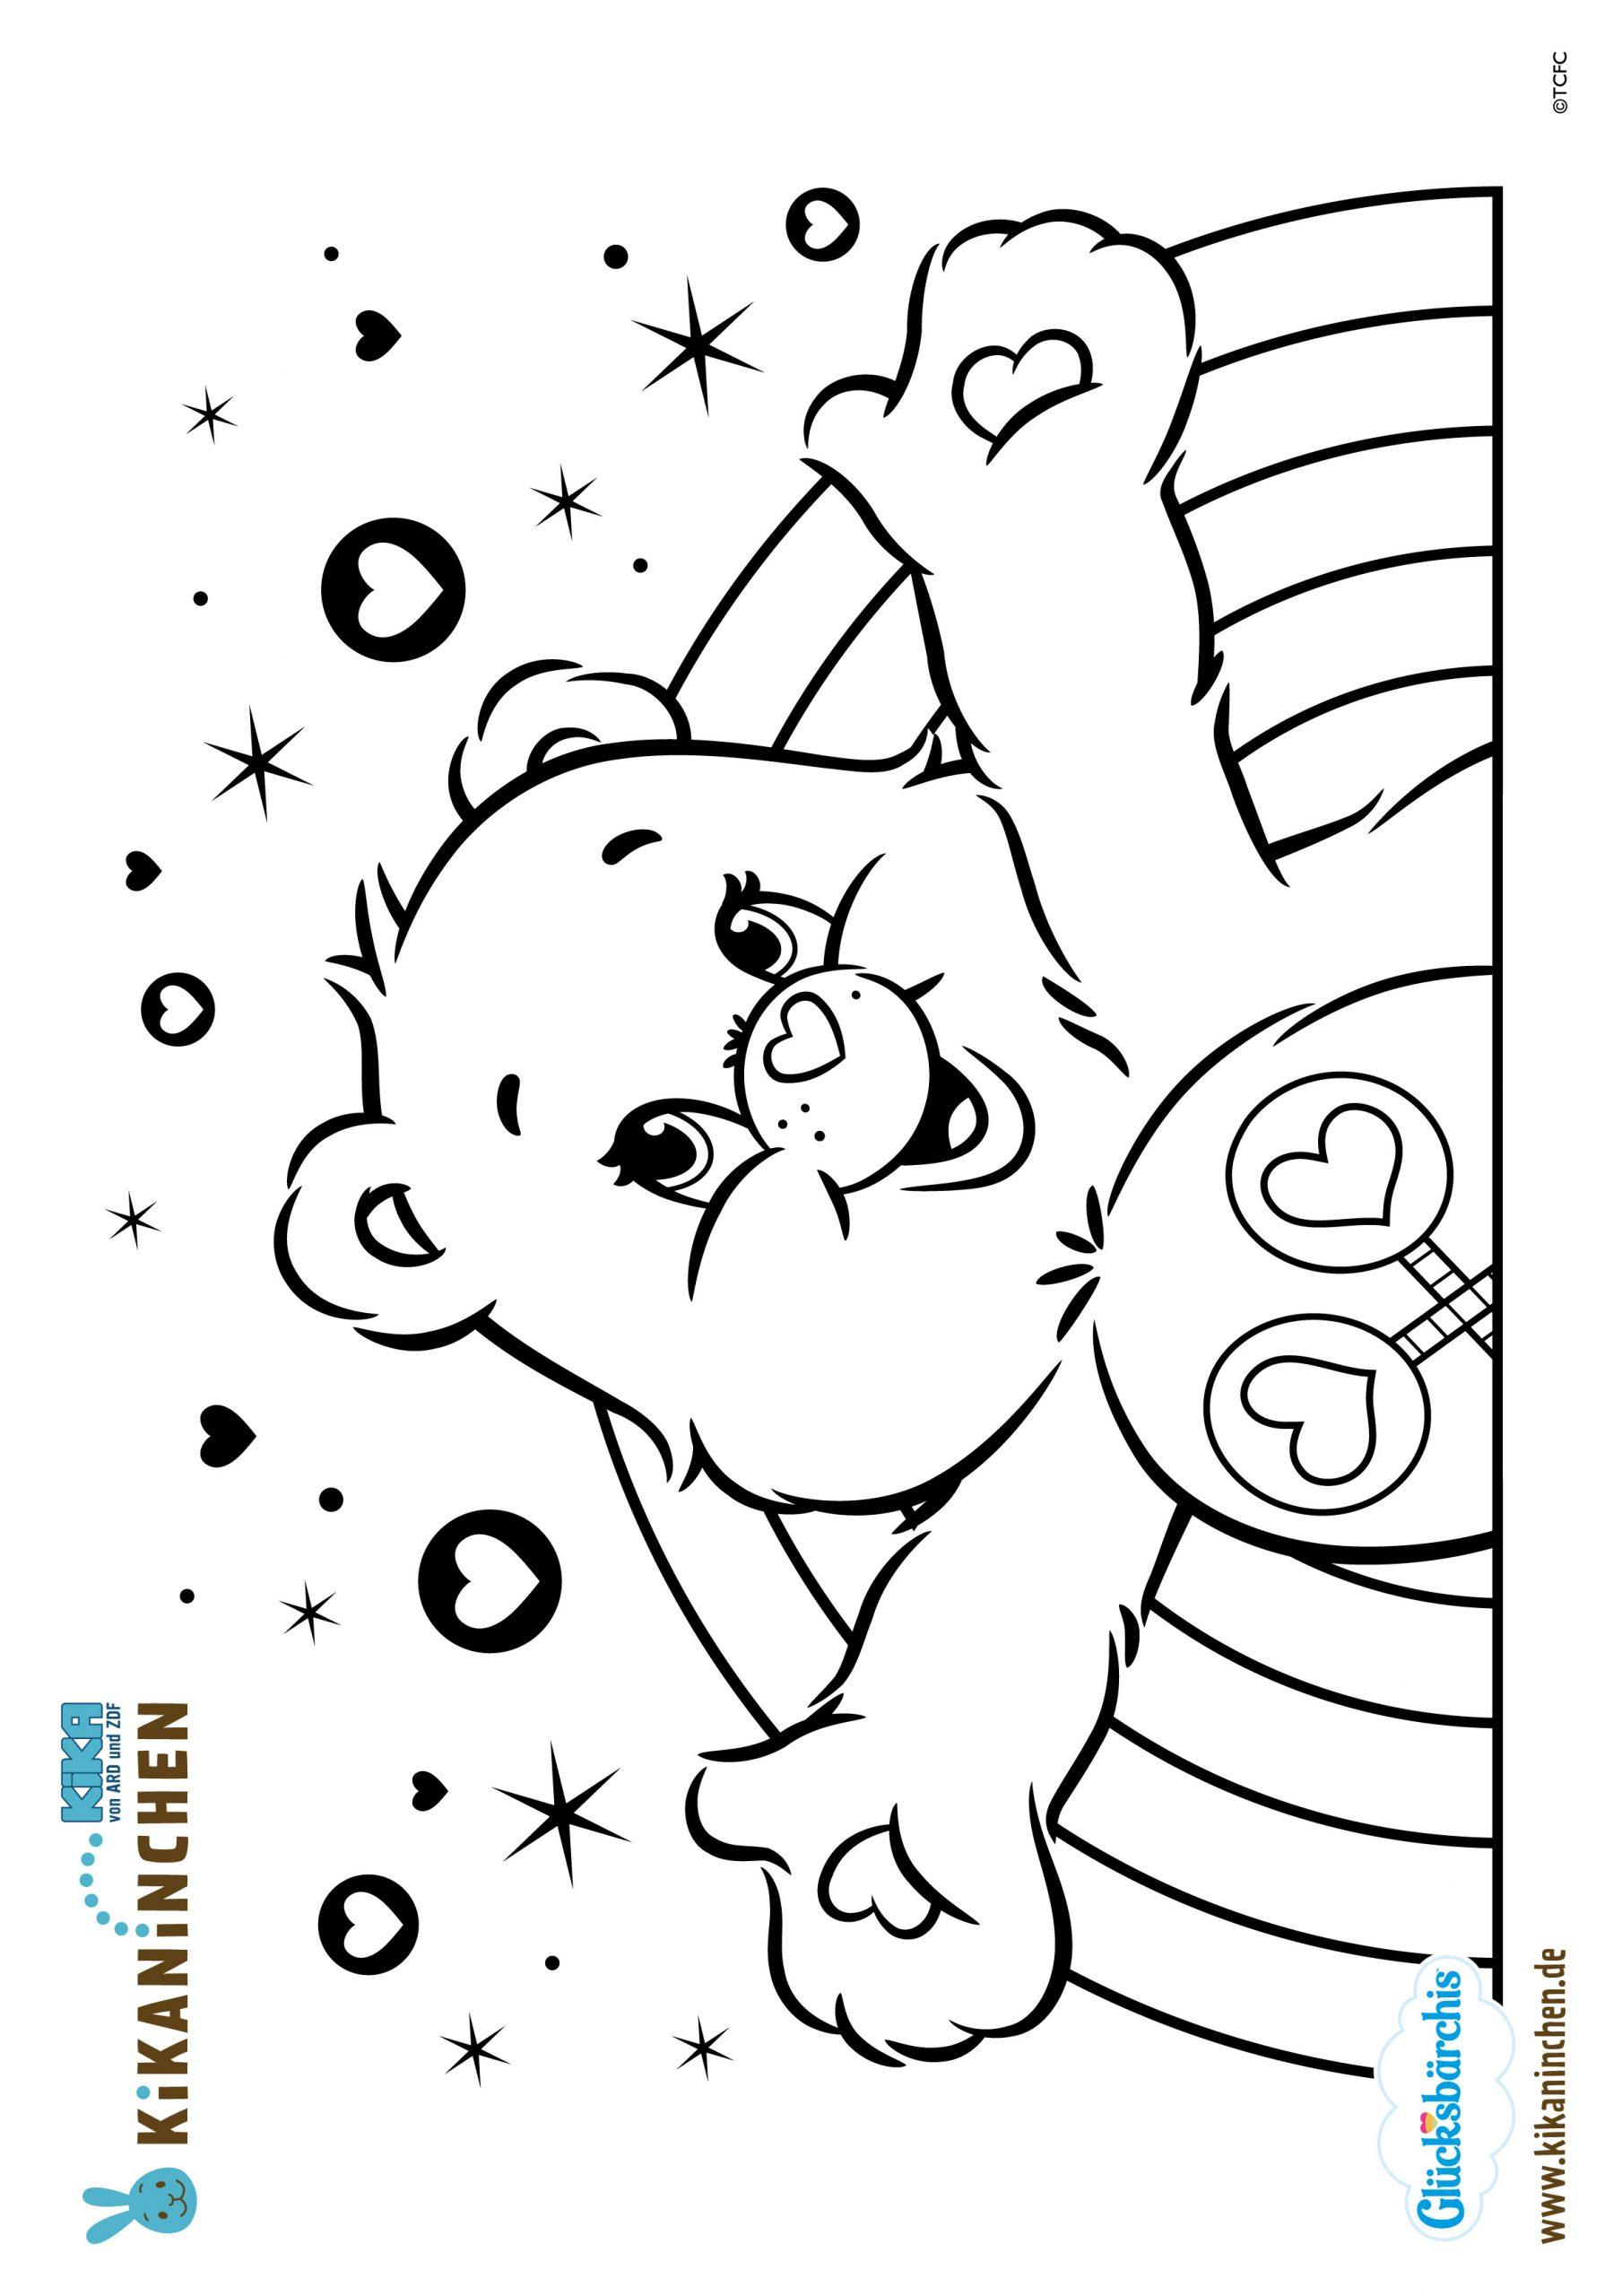 Kika - Ausmalbild Herunterladen für Glücksbärchis Malvorlagen